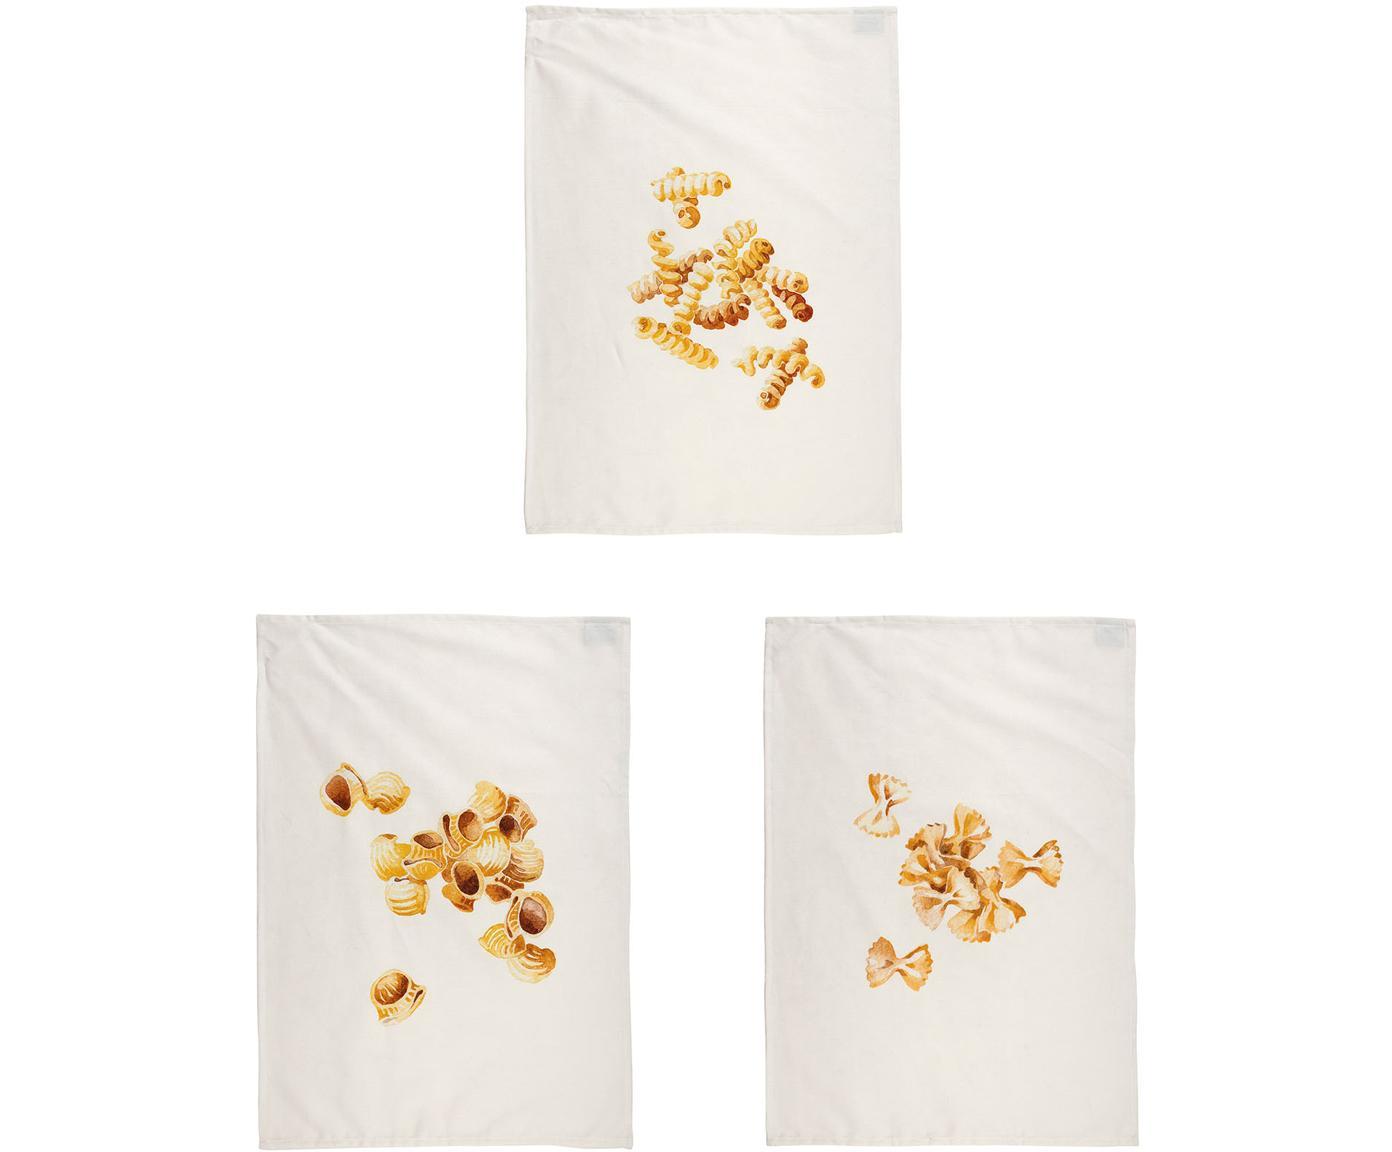 Komplet ręczników kuchennych Pasta, 3 elem., Bawełna, Biały, żółty, S 50 x D 70 cm